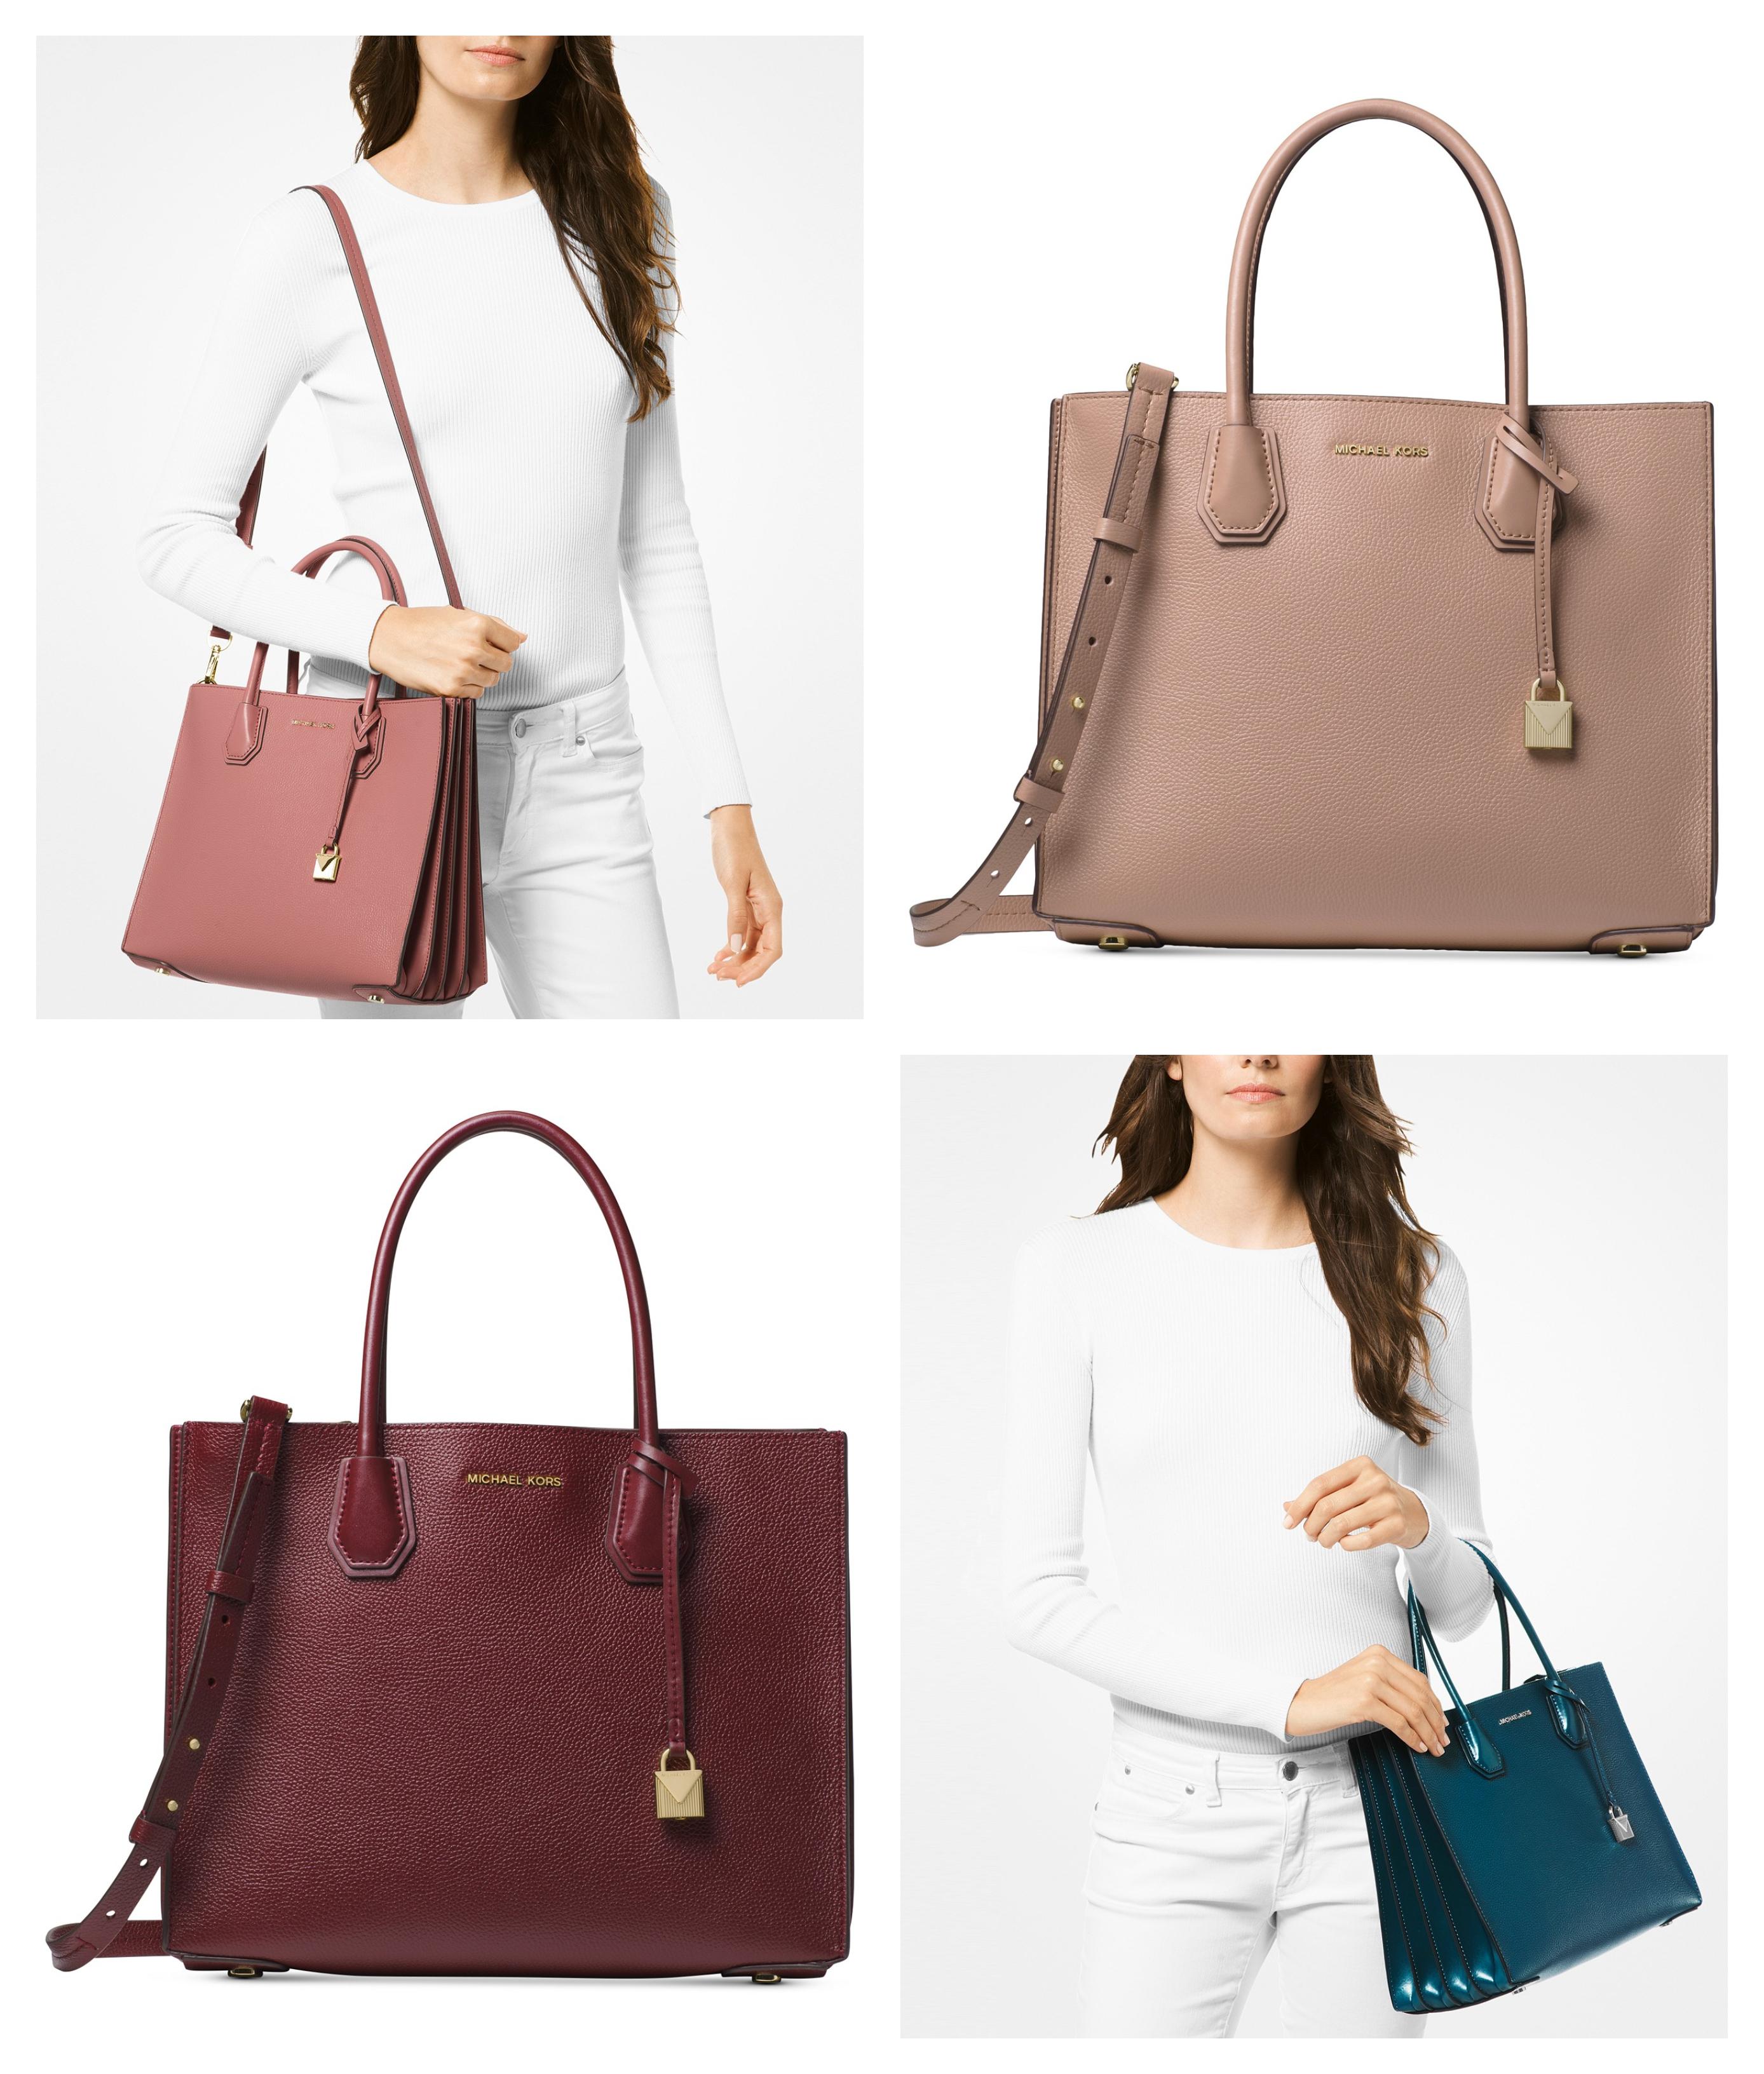 c3dc482ce9e9 Macy's: Michael Kors Bags – 60% Off! – Wear It For Less